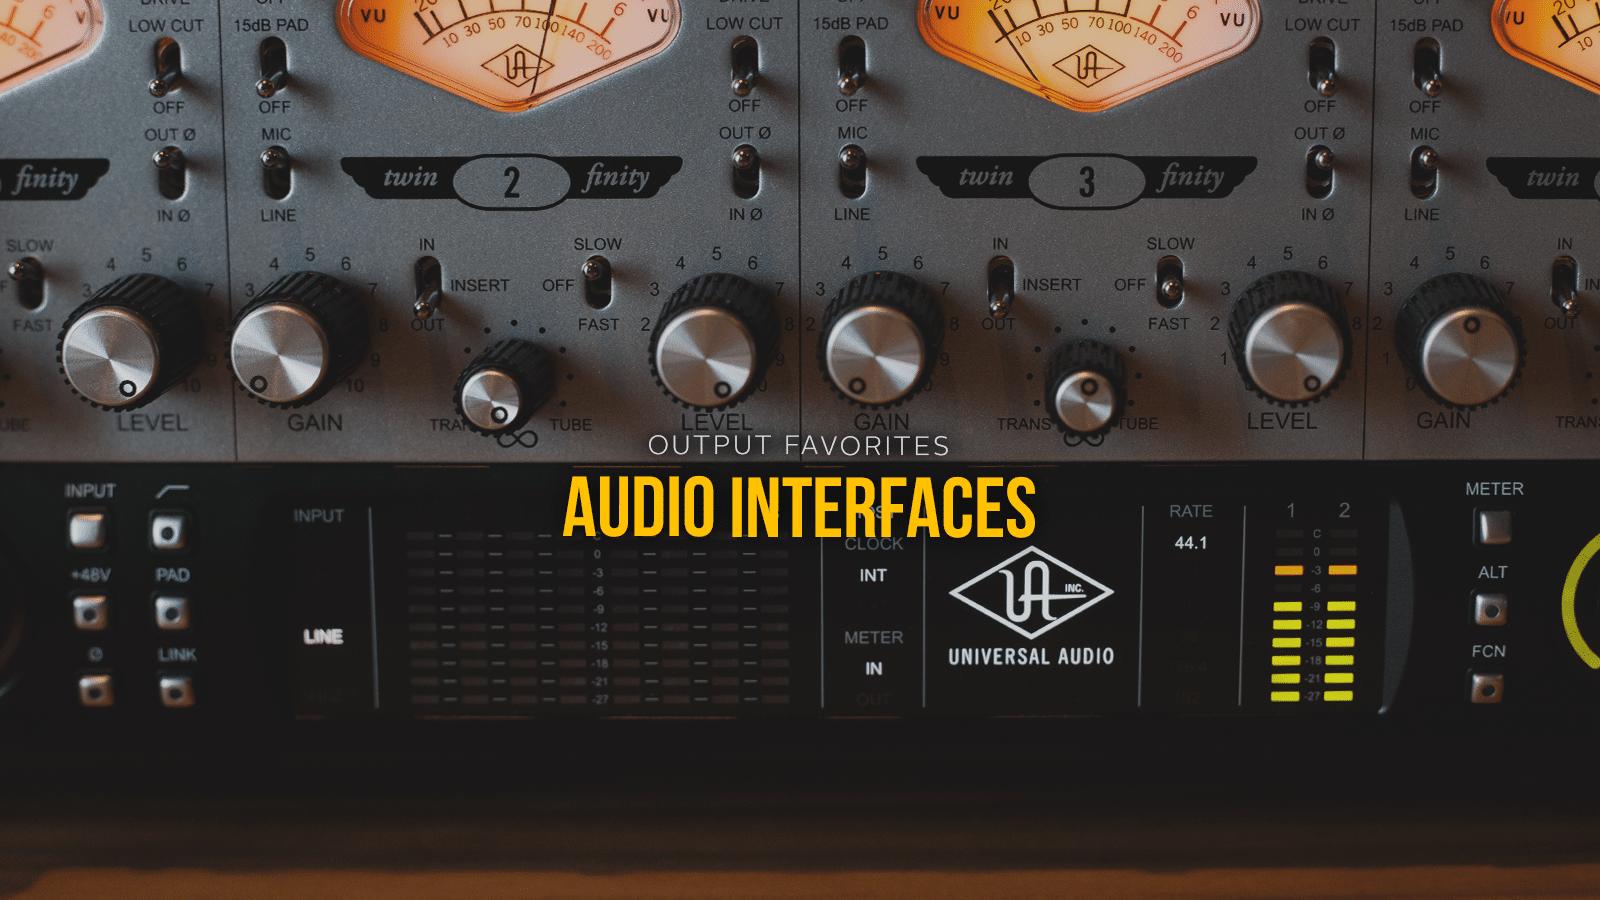 OUTPUT FAVORITES: Audio Interfaces - Output